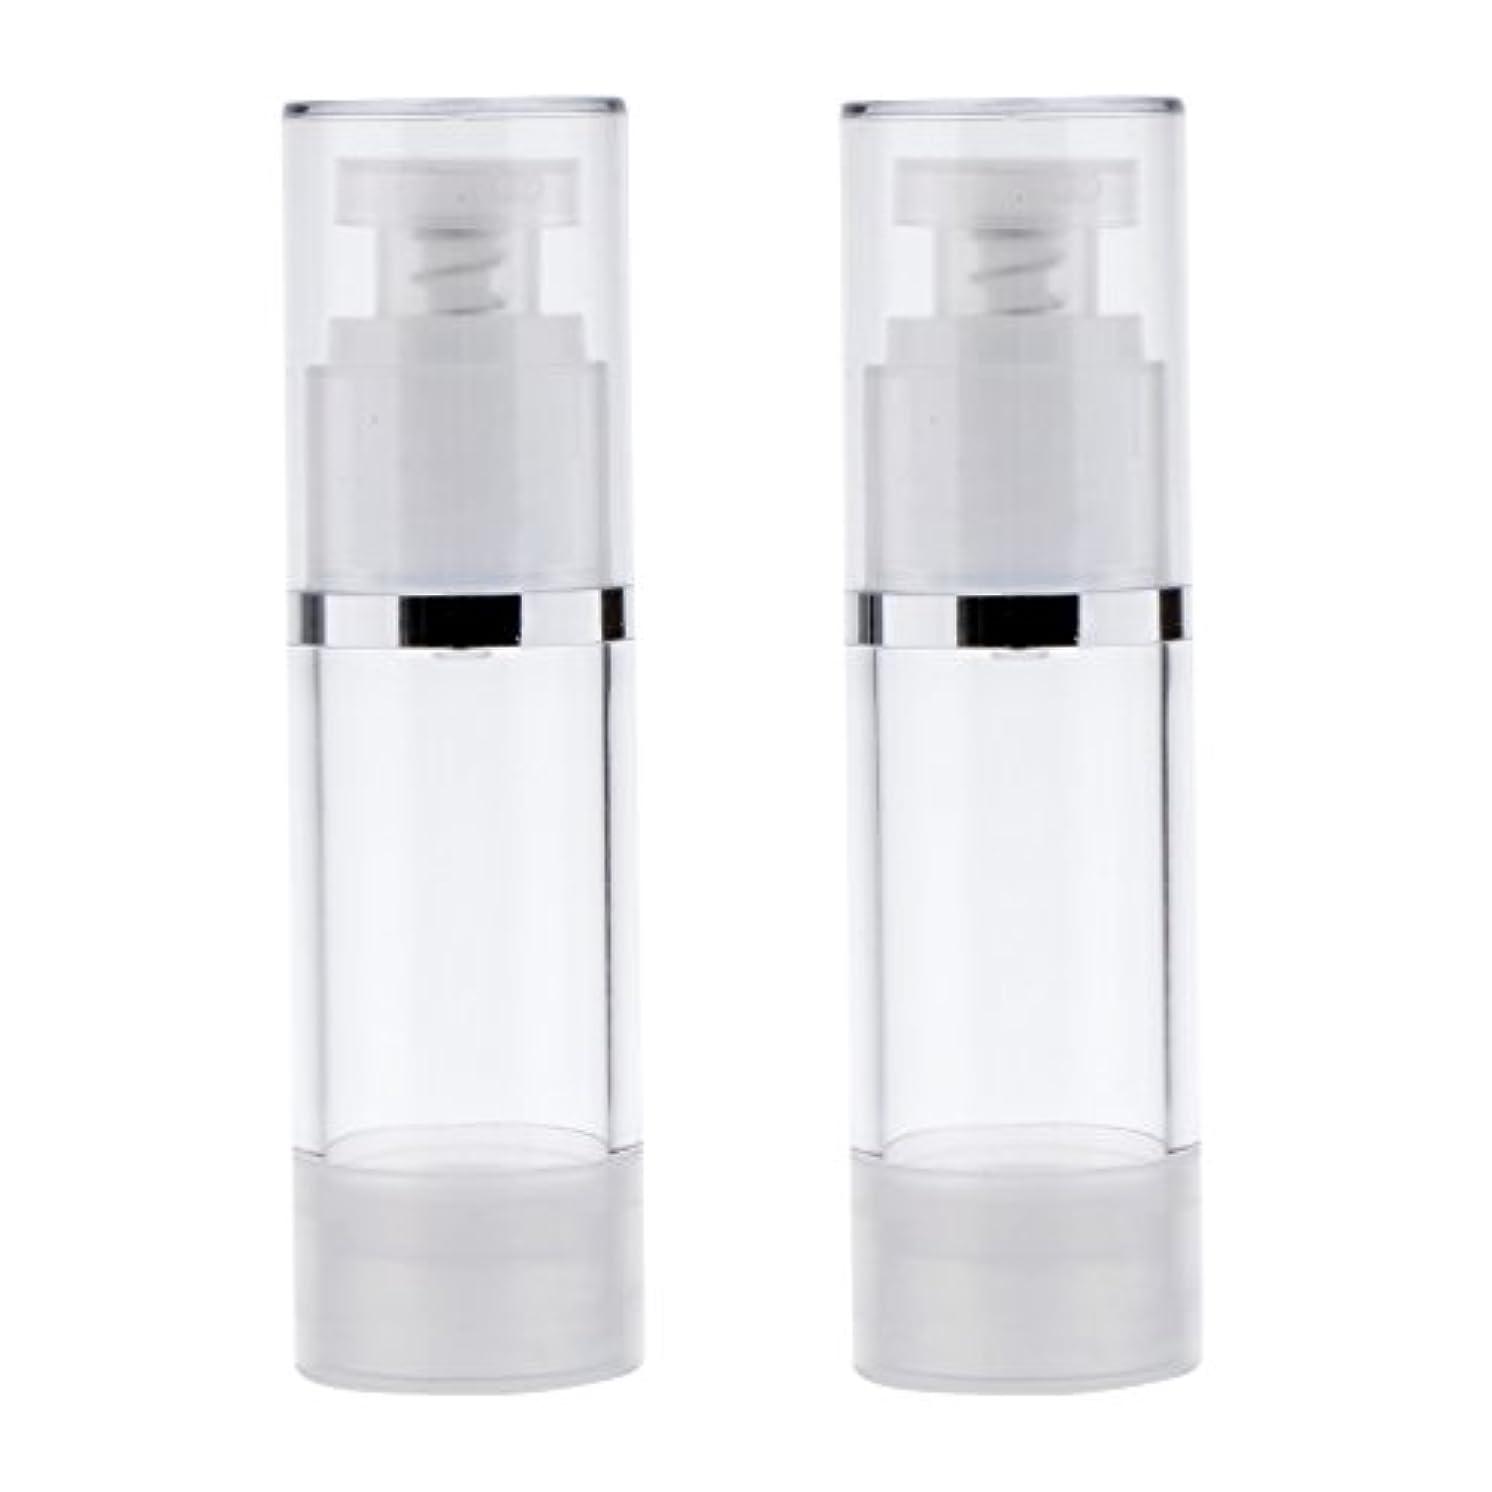 フィットネス移行する硬い2個 ポンプボトル ディスペンサー 詰め替え可 化粧品 クリーム ローション ポンプチューブ エアレスボトル 収納用 容器 3サイズ選べる - 30ml